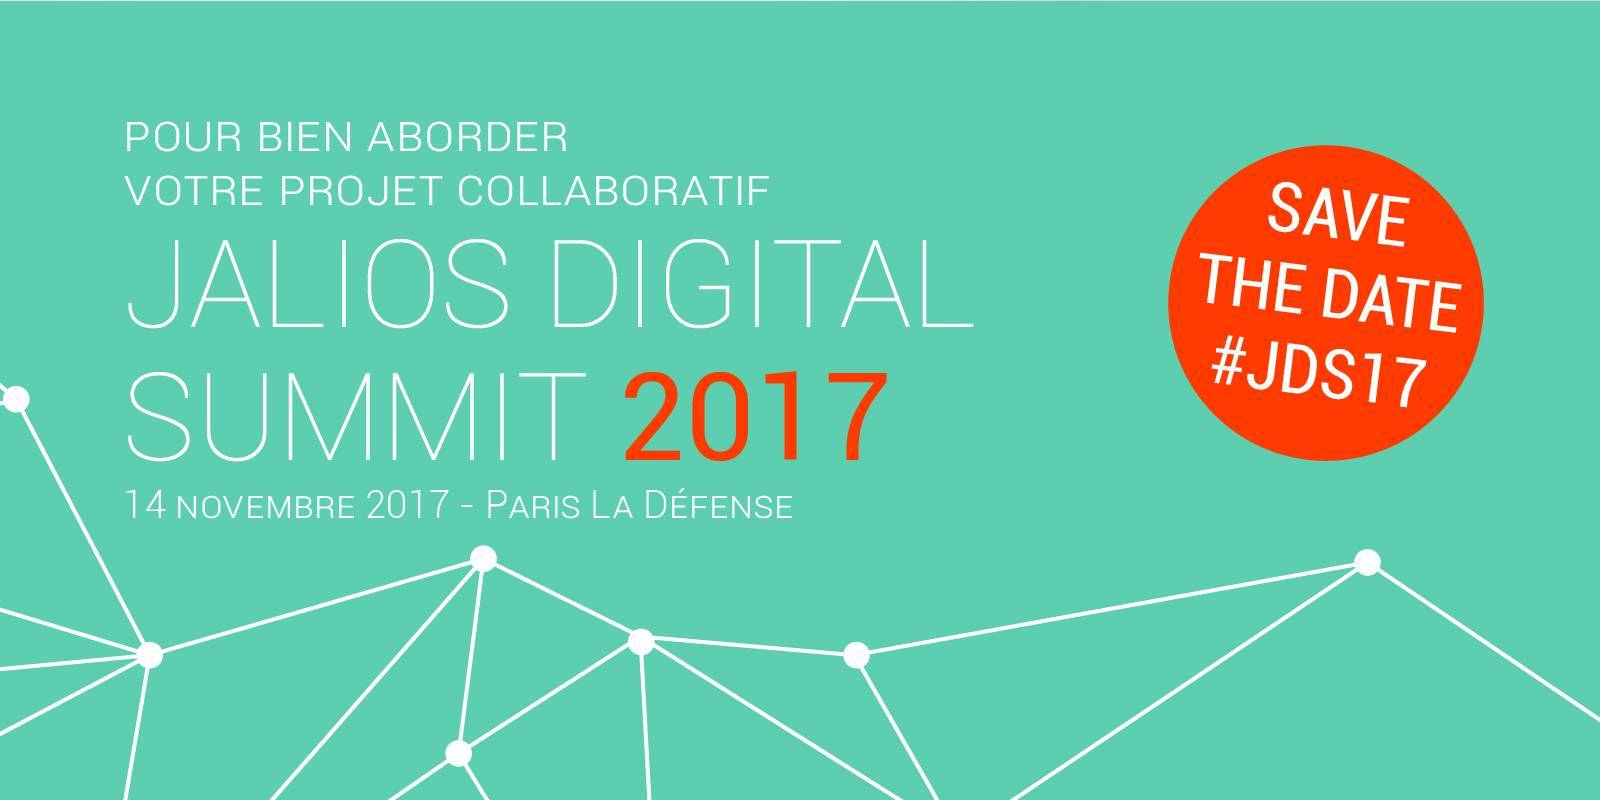 Avec cet évènement, Jalios s'ouvre à toutes les organisations curieuses des enjeux de la Digital Workplace.